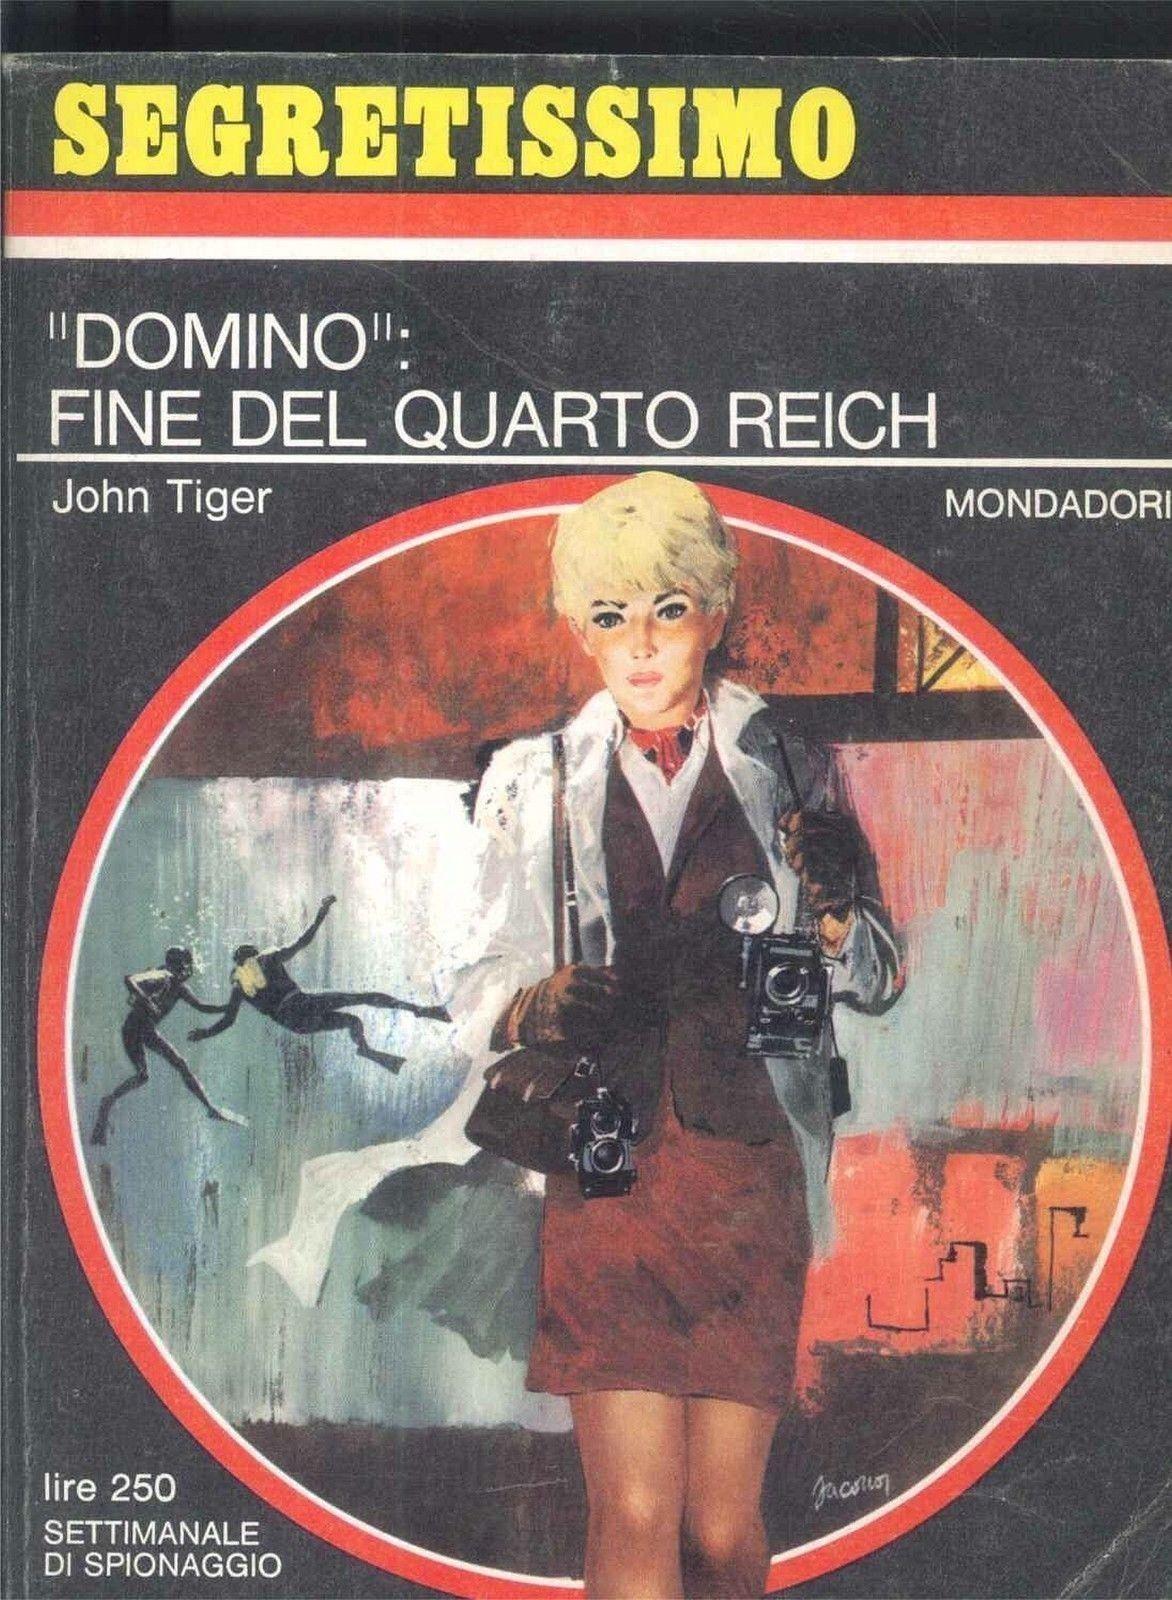 DOMINO: FINE DEL QUARTO REICH - JOHN TIGER